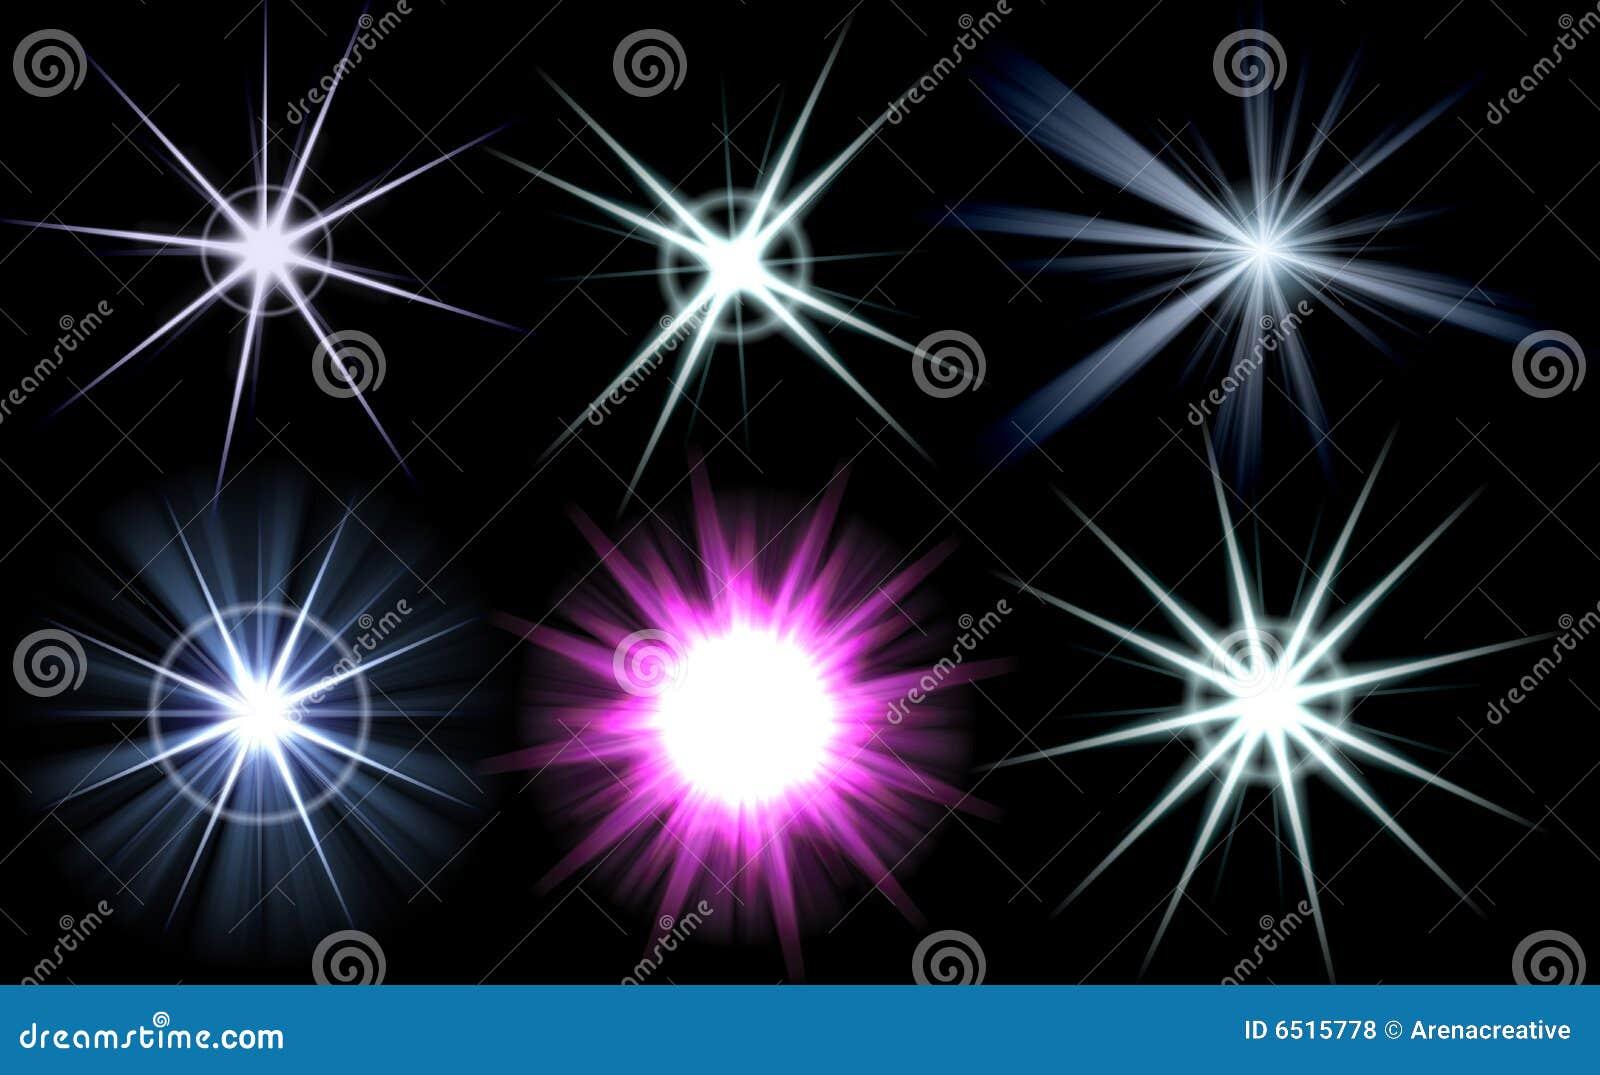 Paquete brillante de la explosión de la flama de la lente